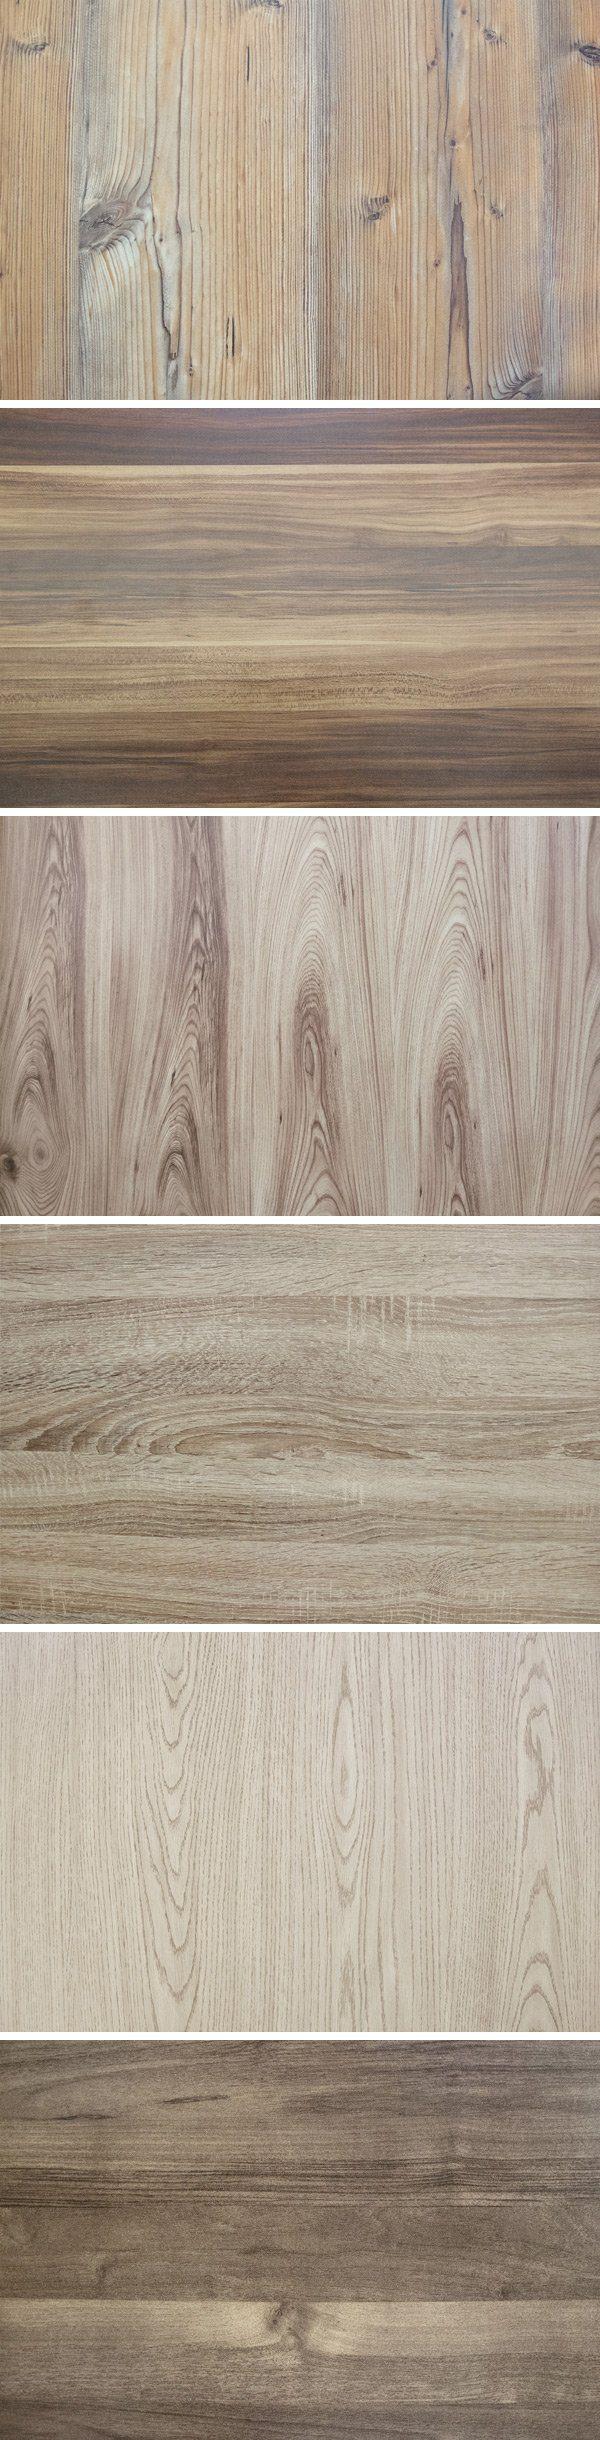 texturas de madera para descargar gratis